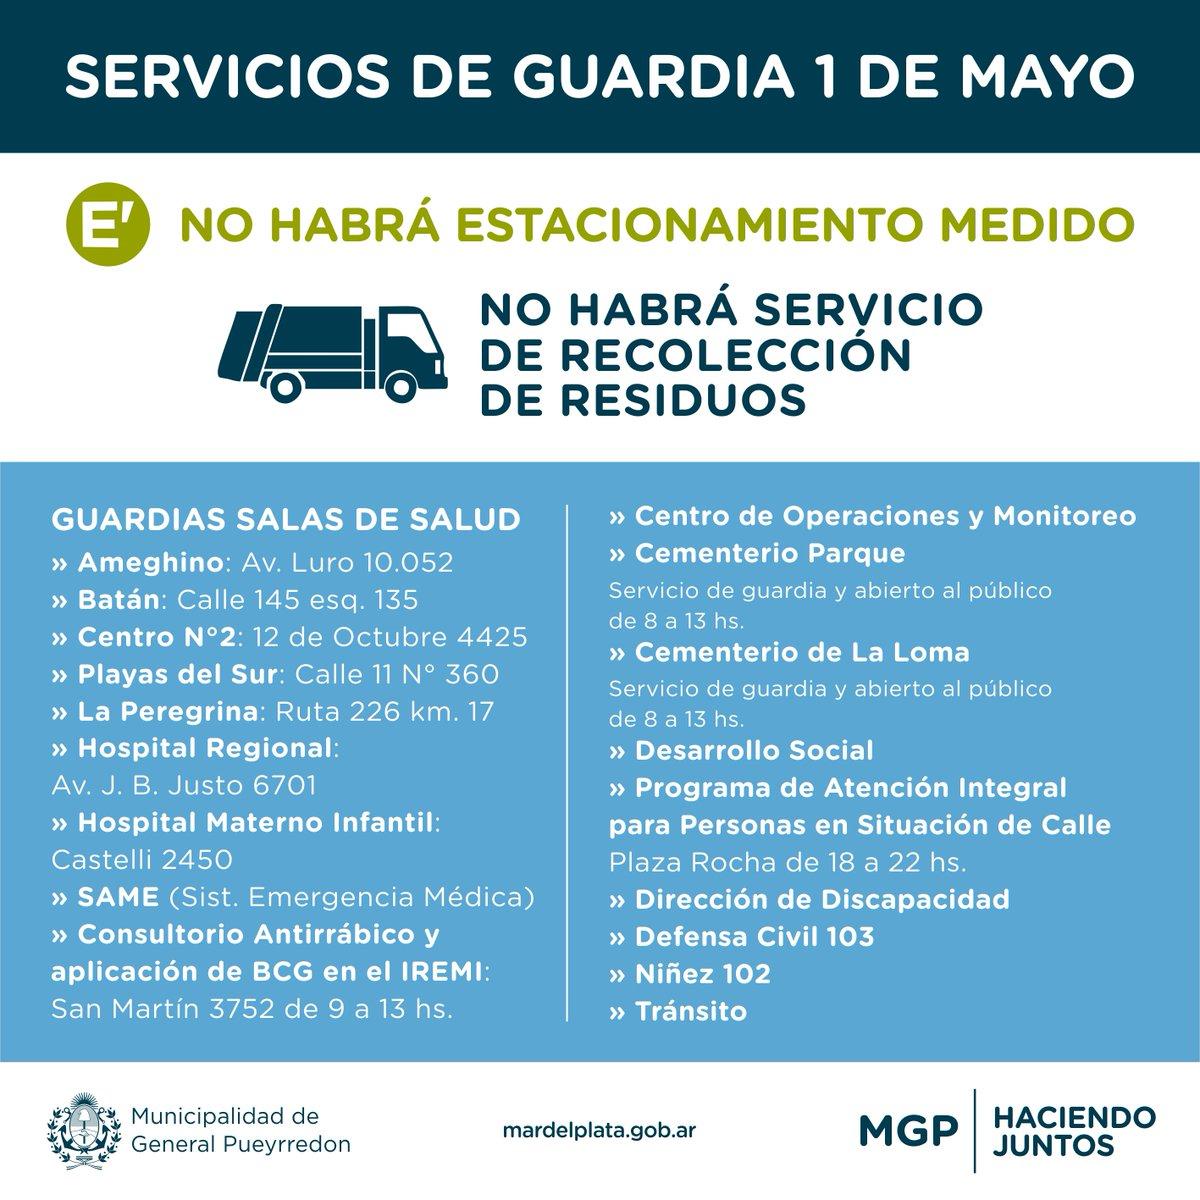 Día del Trabajador: sin recolección de residuos ni colectivos en Mar del Plata